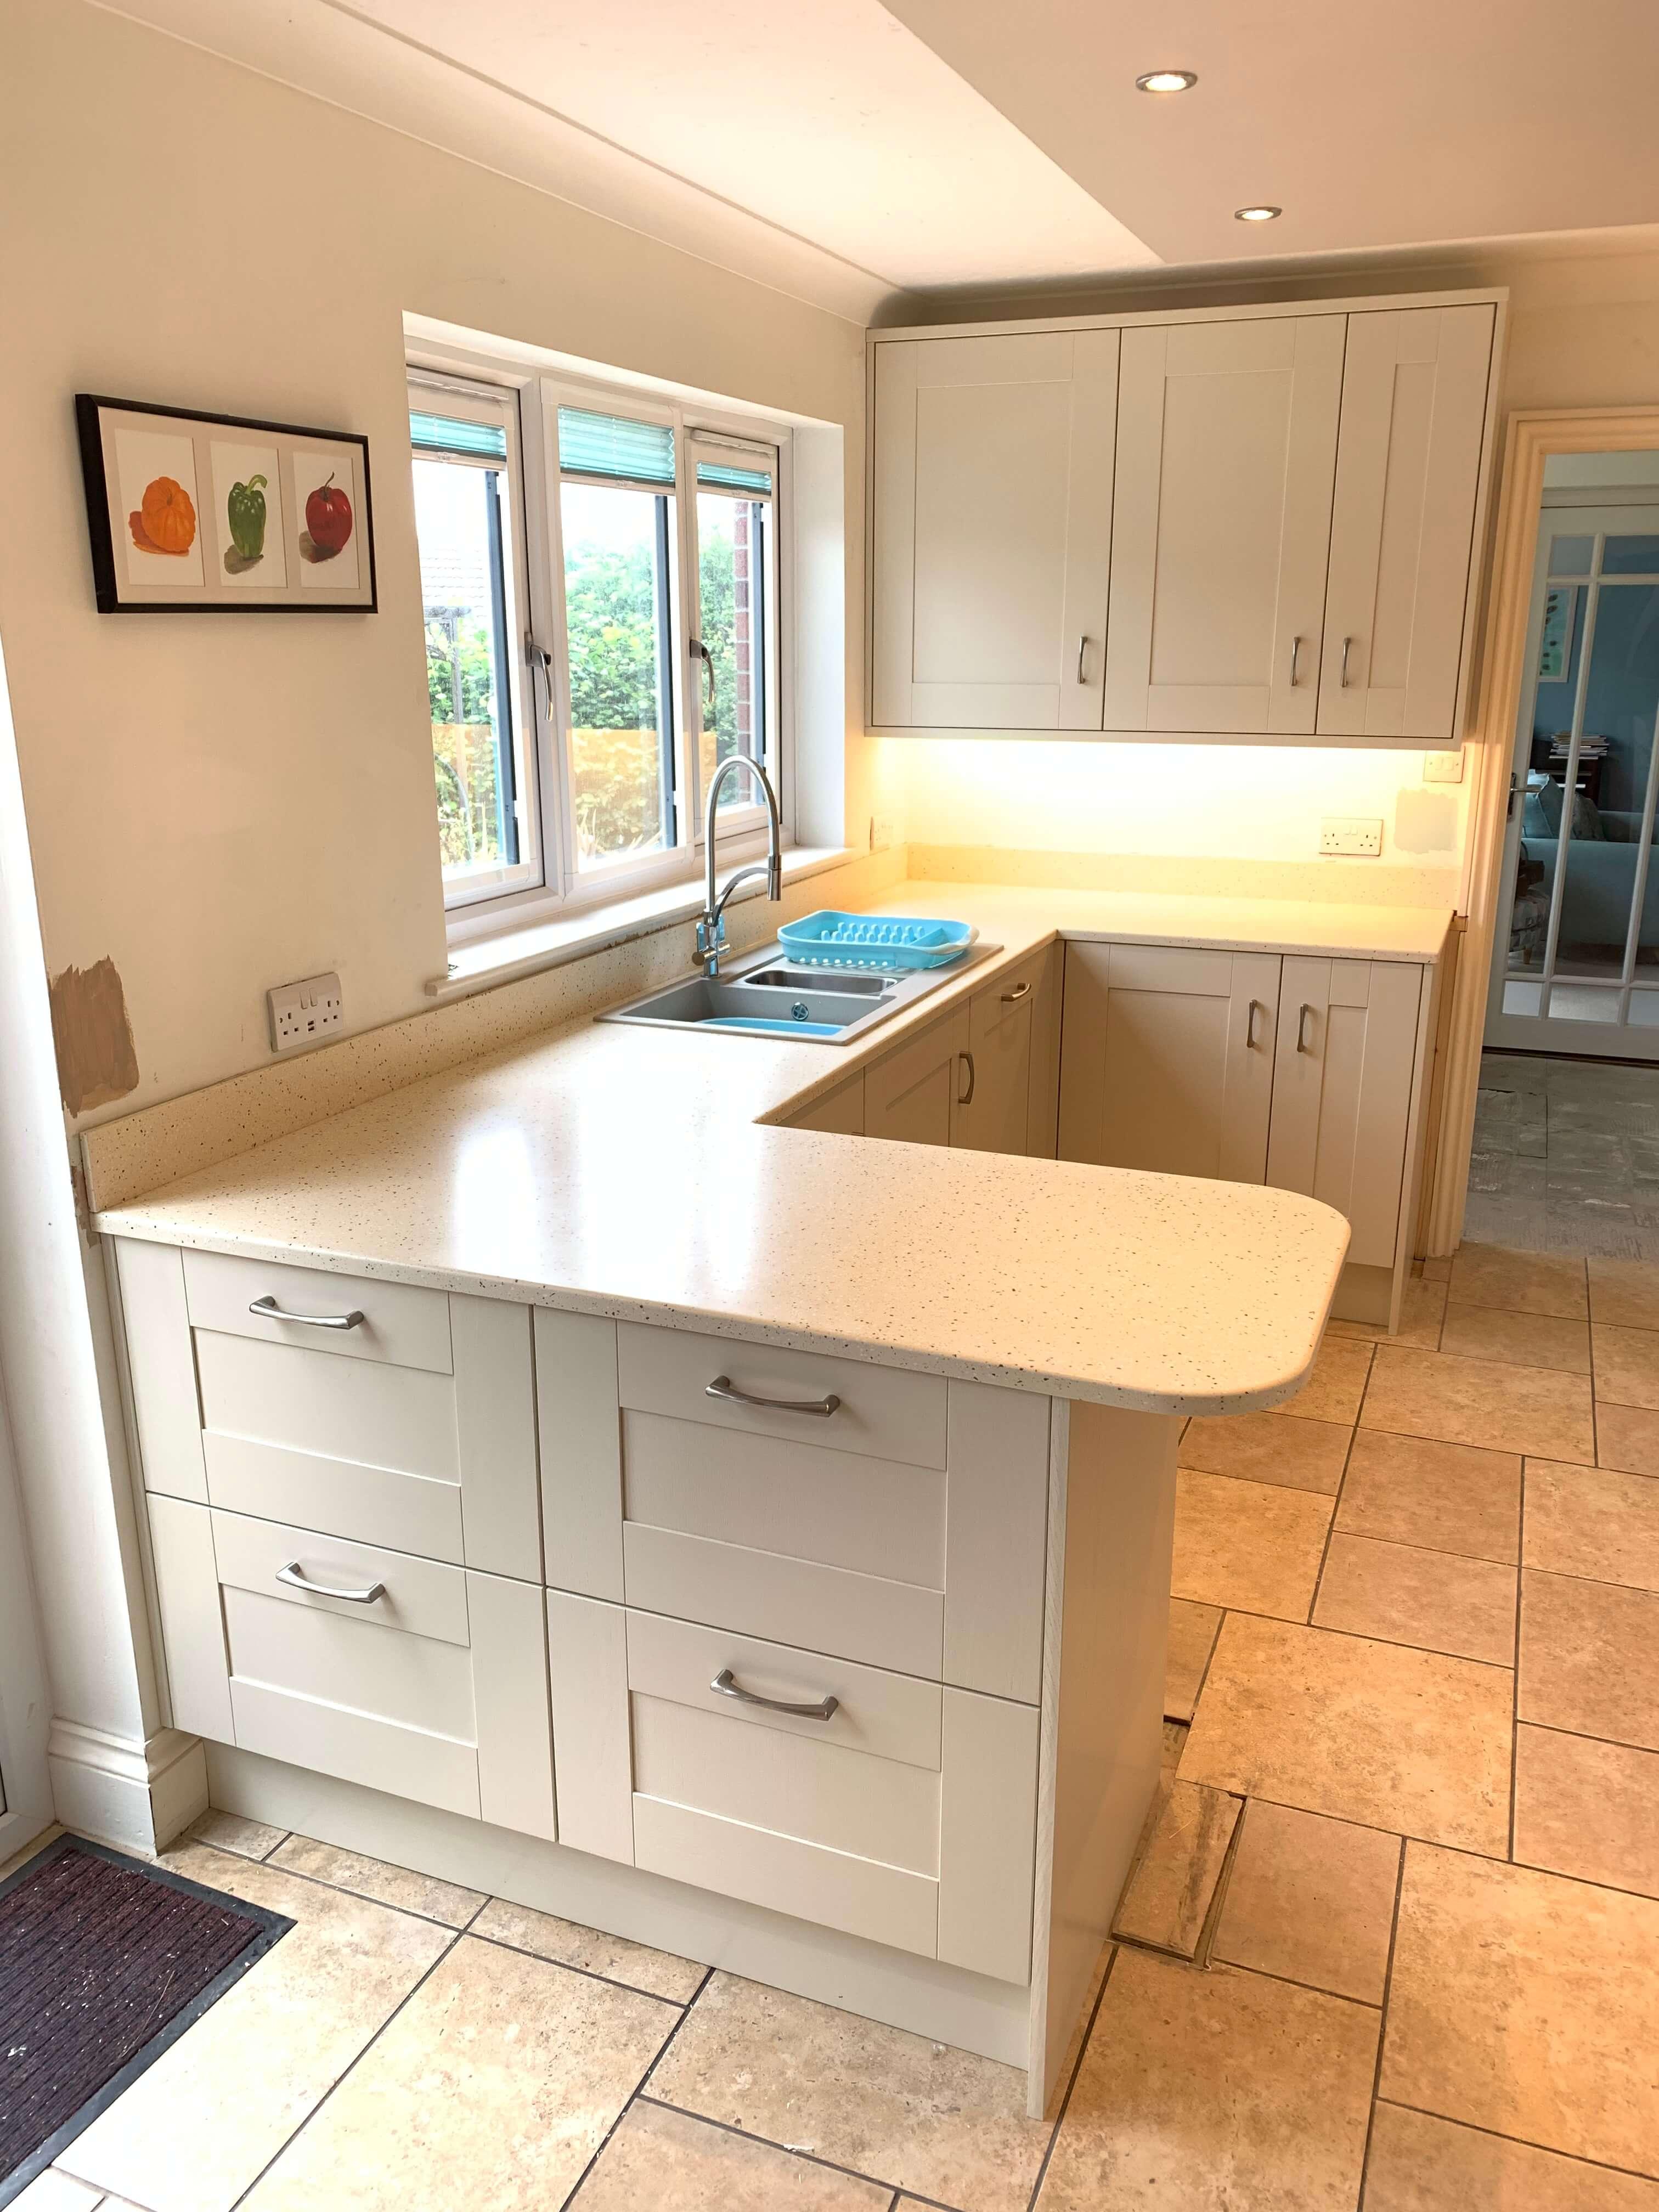 Finished Kitchen showing peninsular